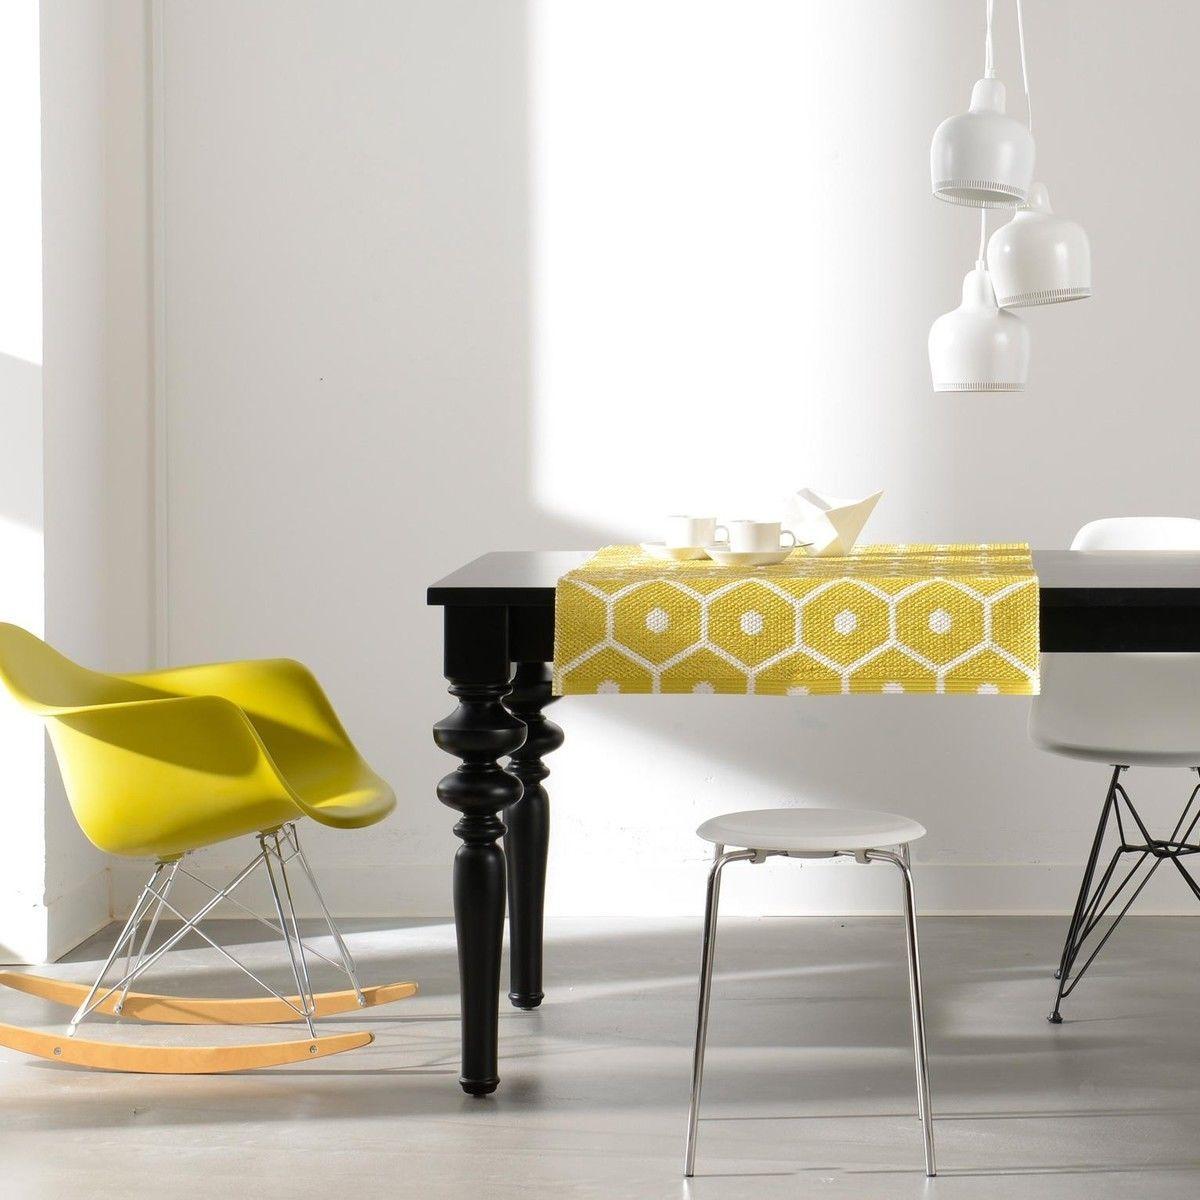 Honey tapis pour l 39 ext rieur 70x225cm pappelina - Tapis exterieur pour balcon ...